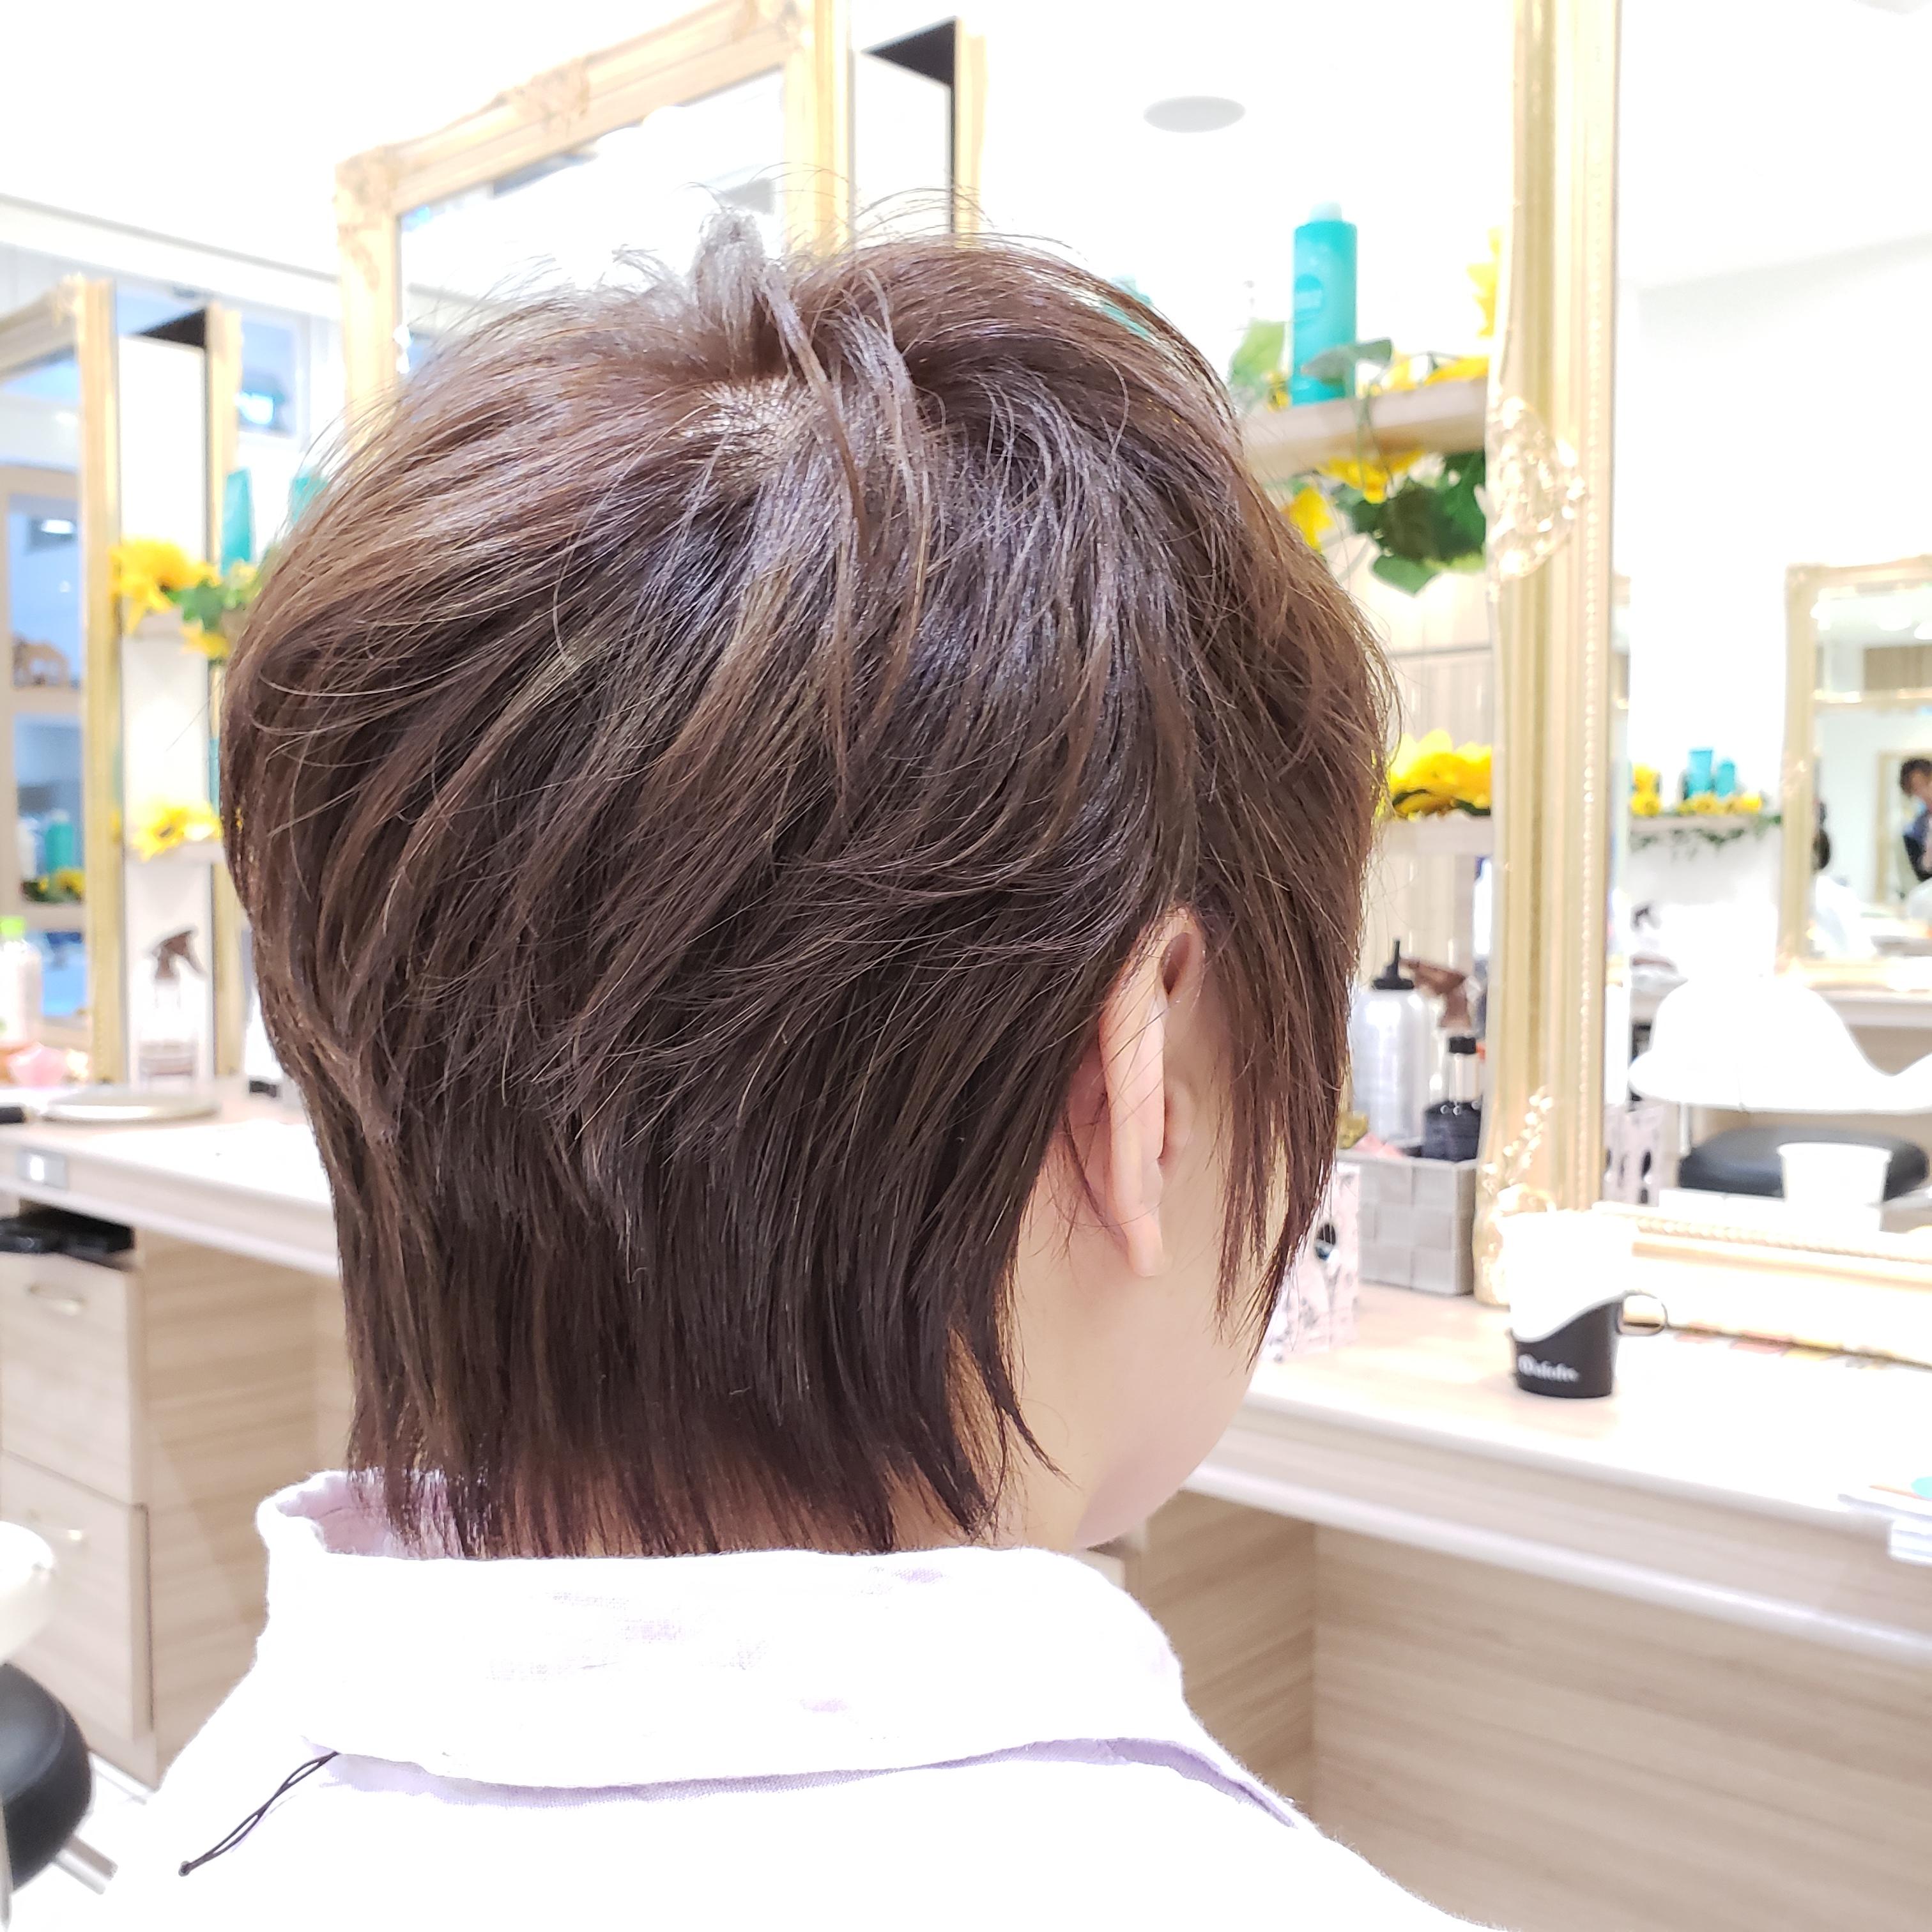 【知っとくべきペタンコ髪の解決策】ペタンコ髪を一段とボリュームアップする方法とは?